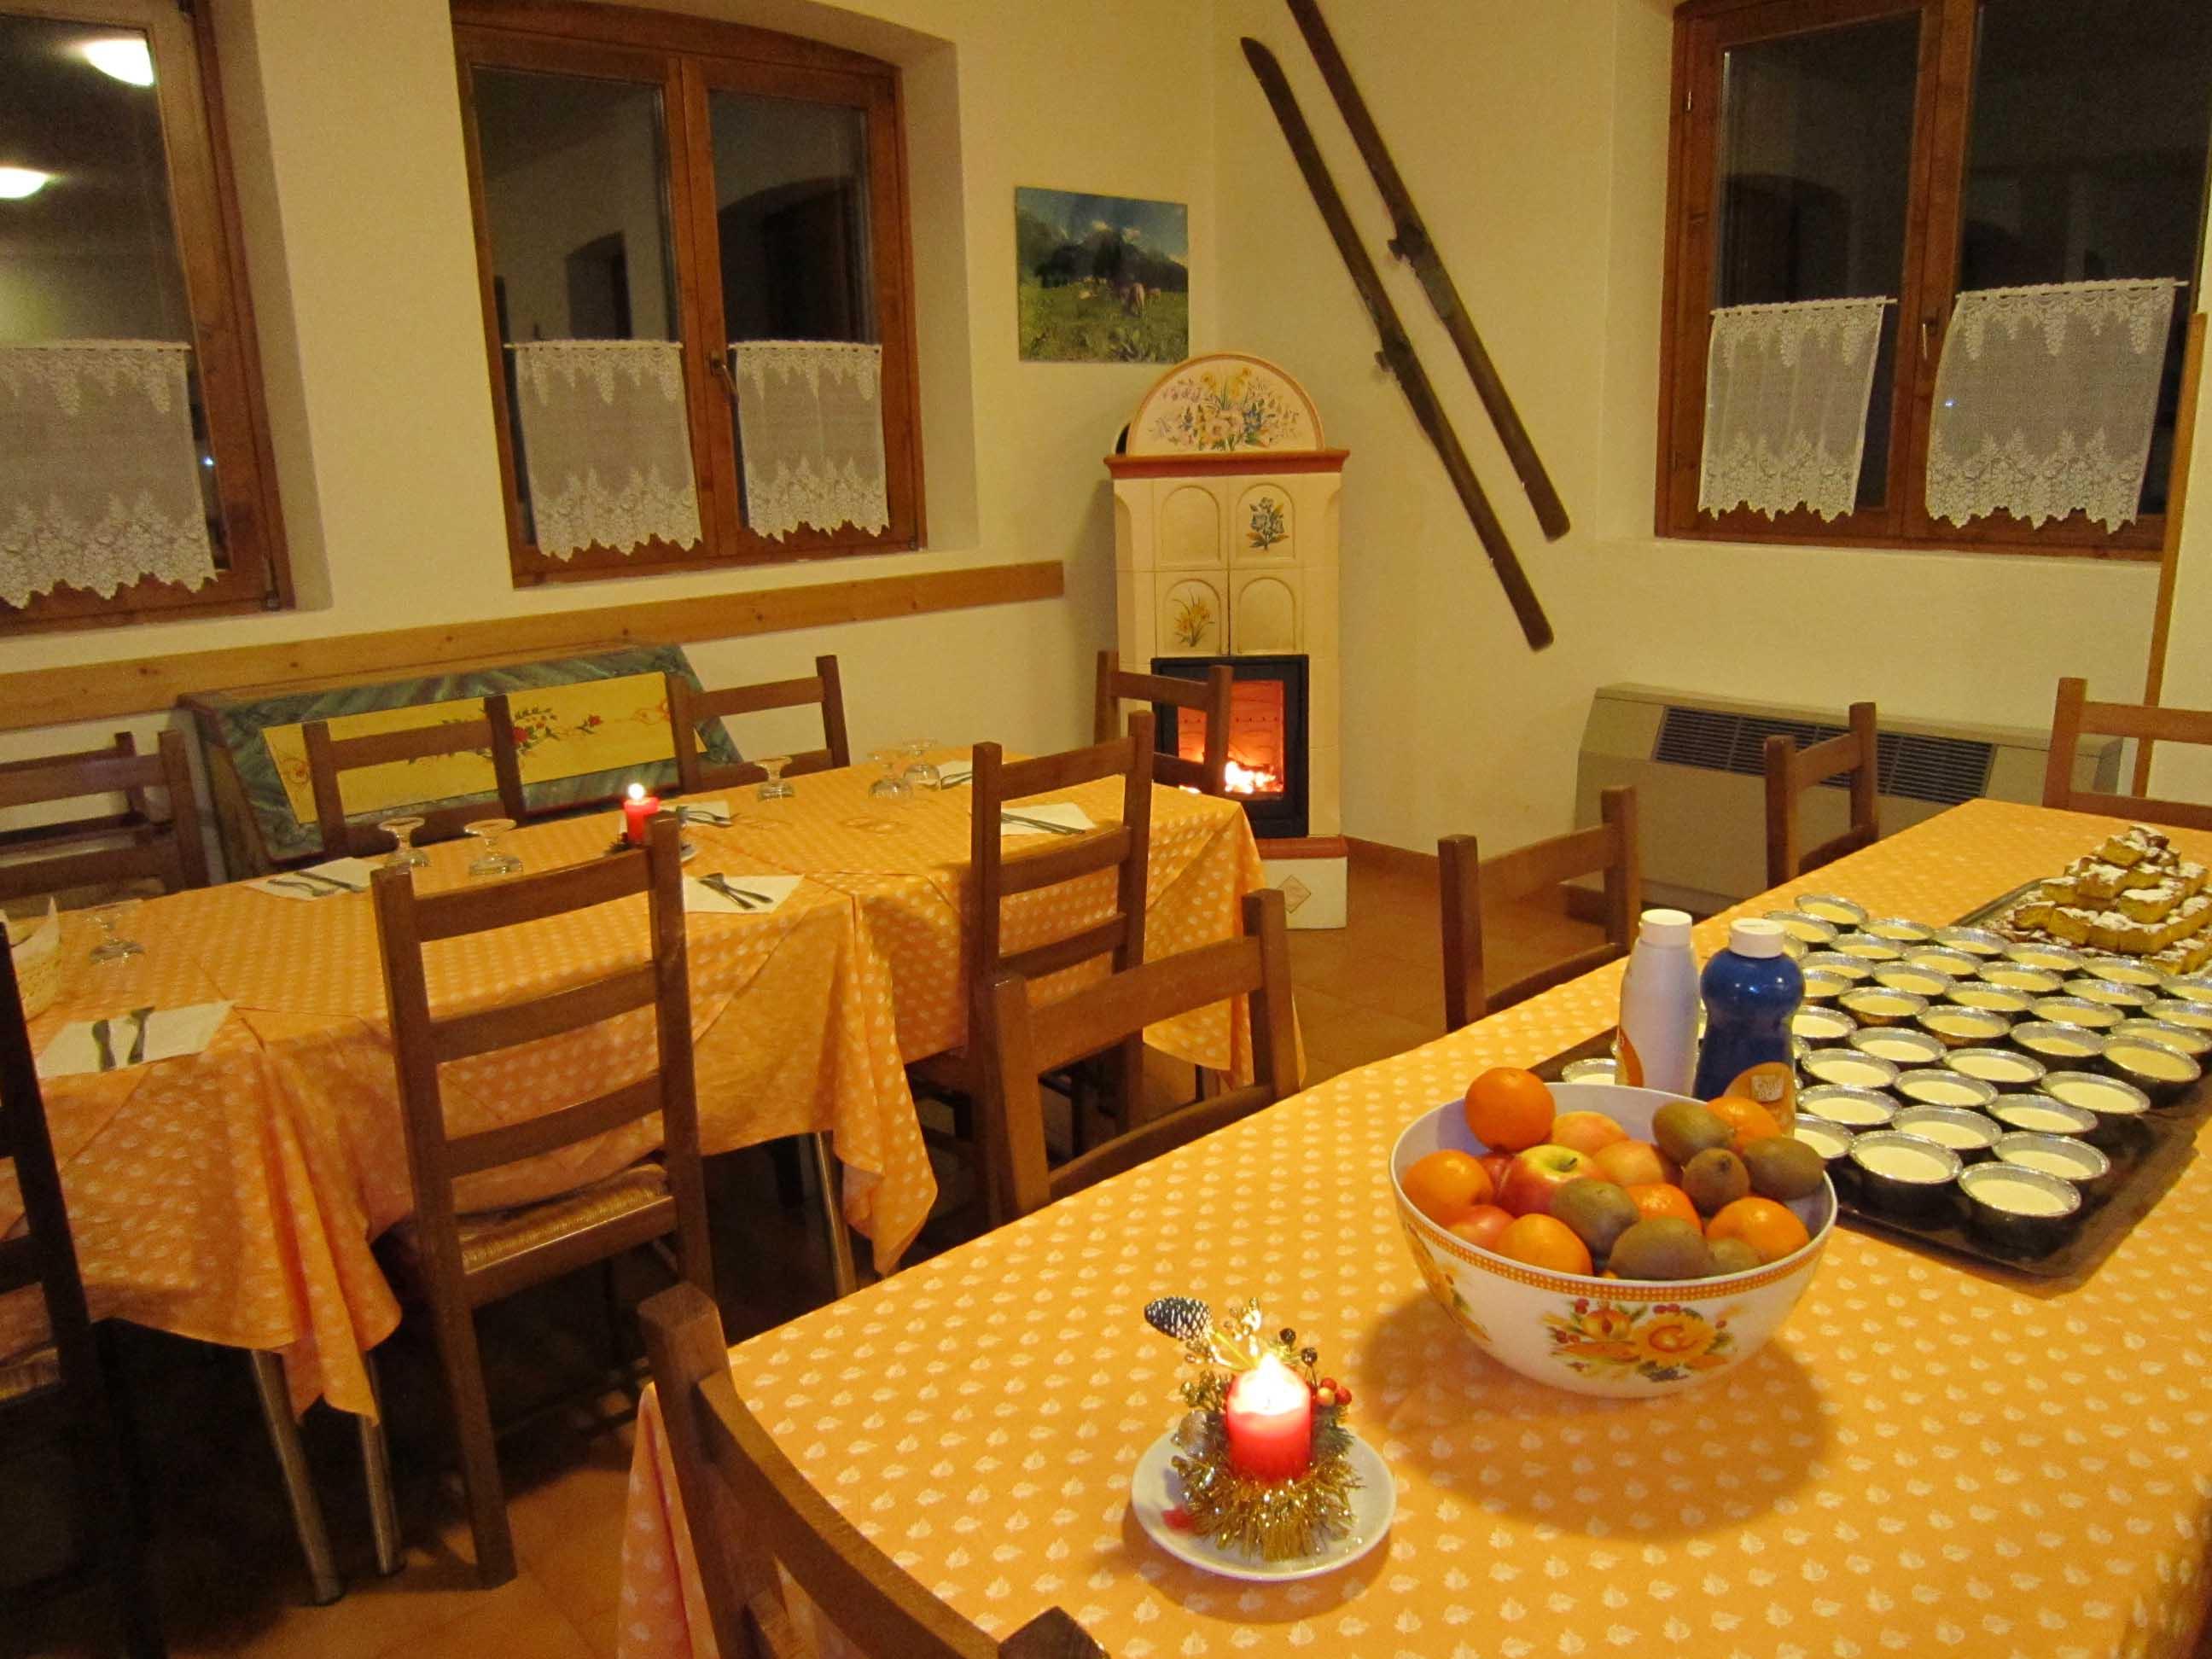 Casa Alpina A Canale D'Agordo (BL) Rif. 358 #C0430B 2592 1944 Sala Da Pranzo Roma